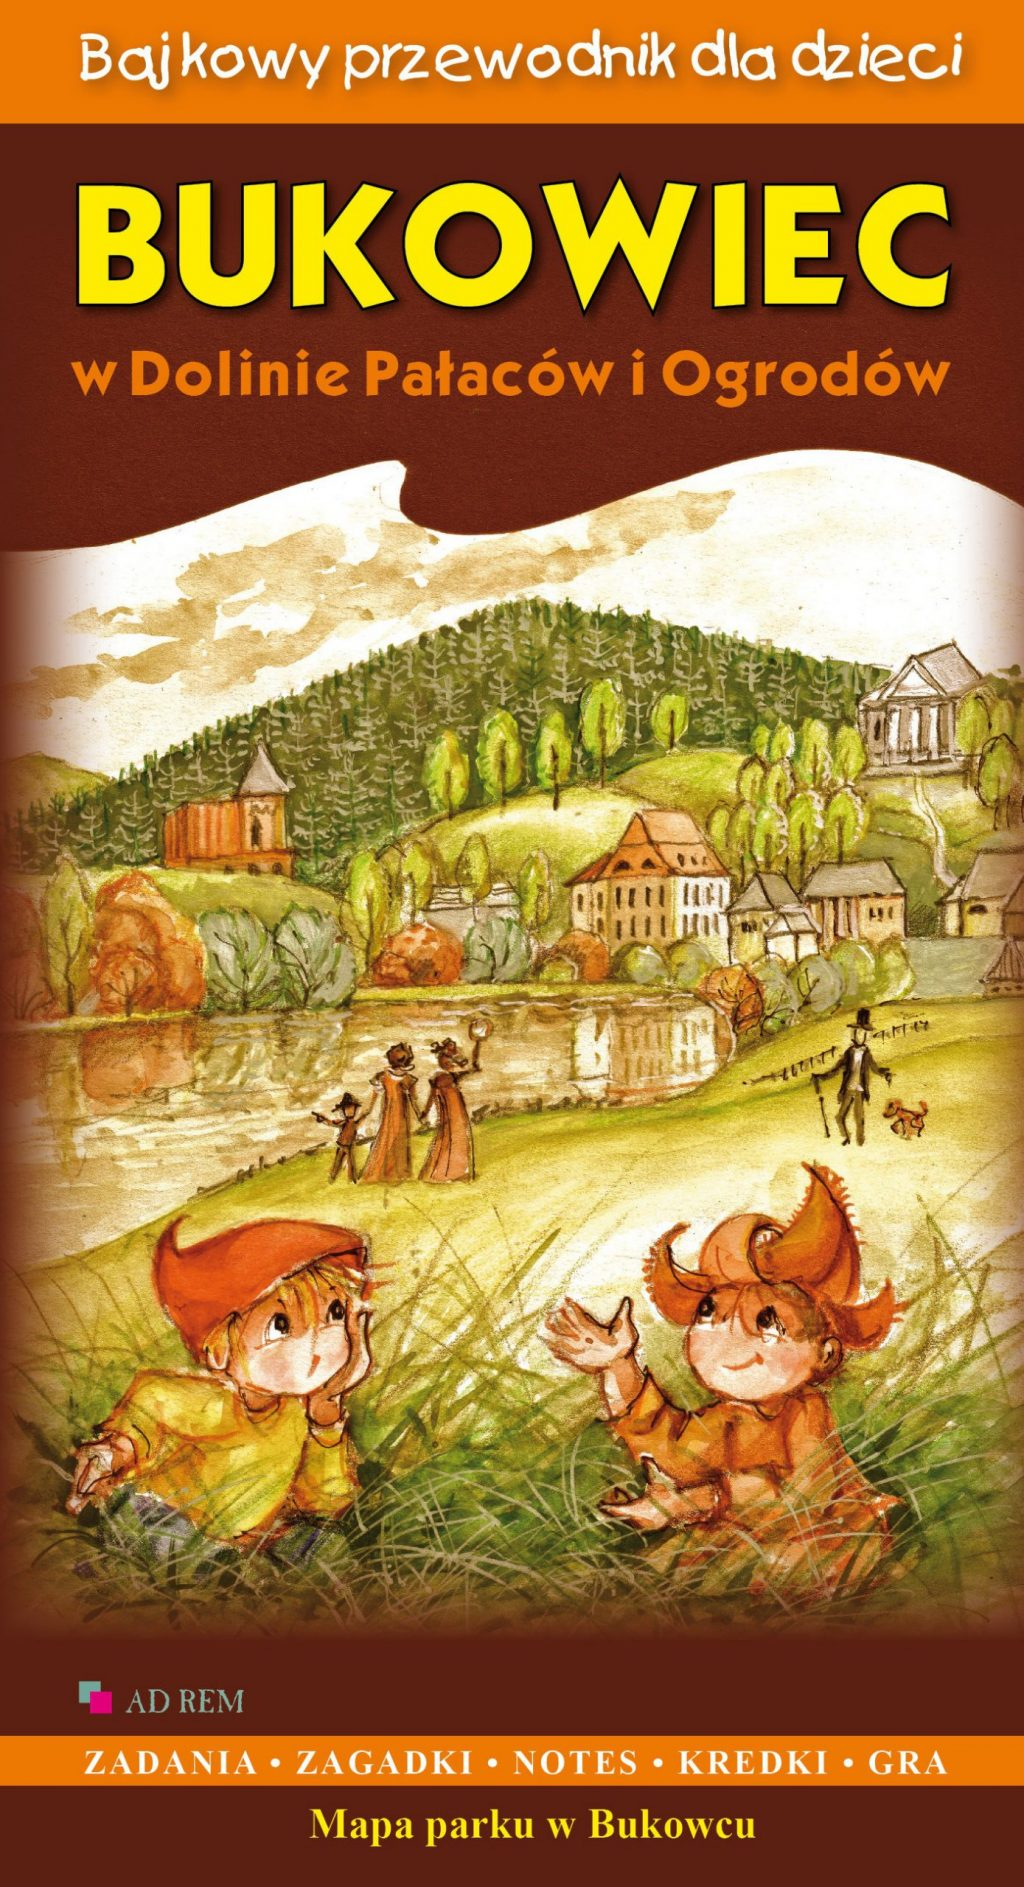 Bajkowy przewodnik dla dzieci – Bukowiec w Dolinie Pałaców i Ogrodów